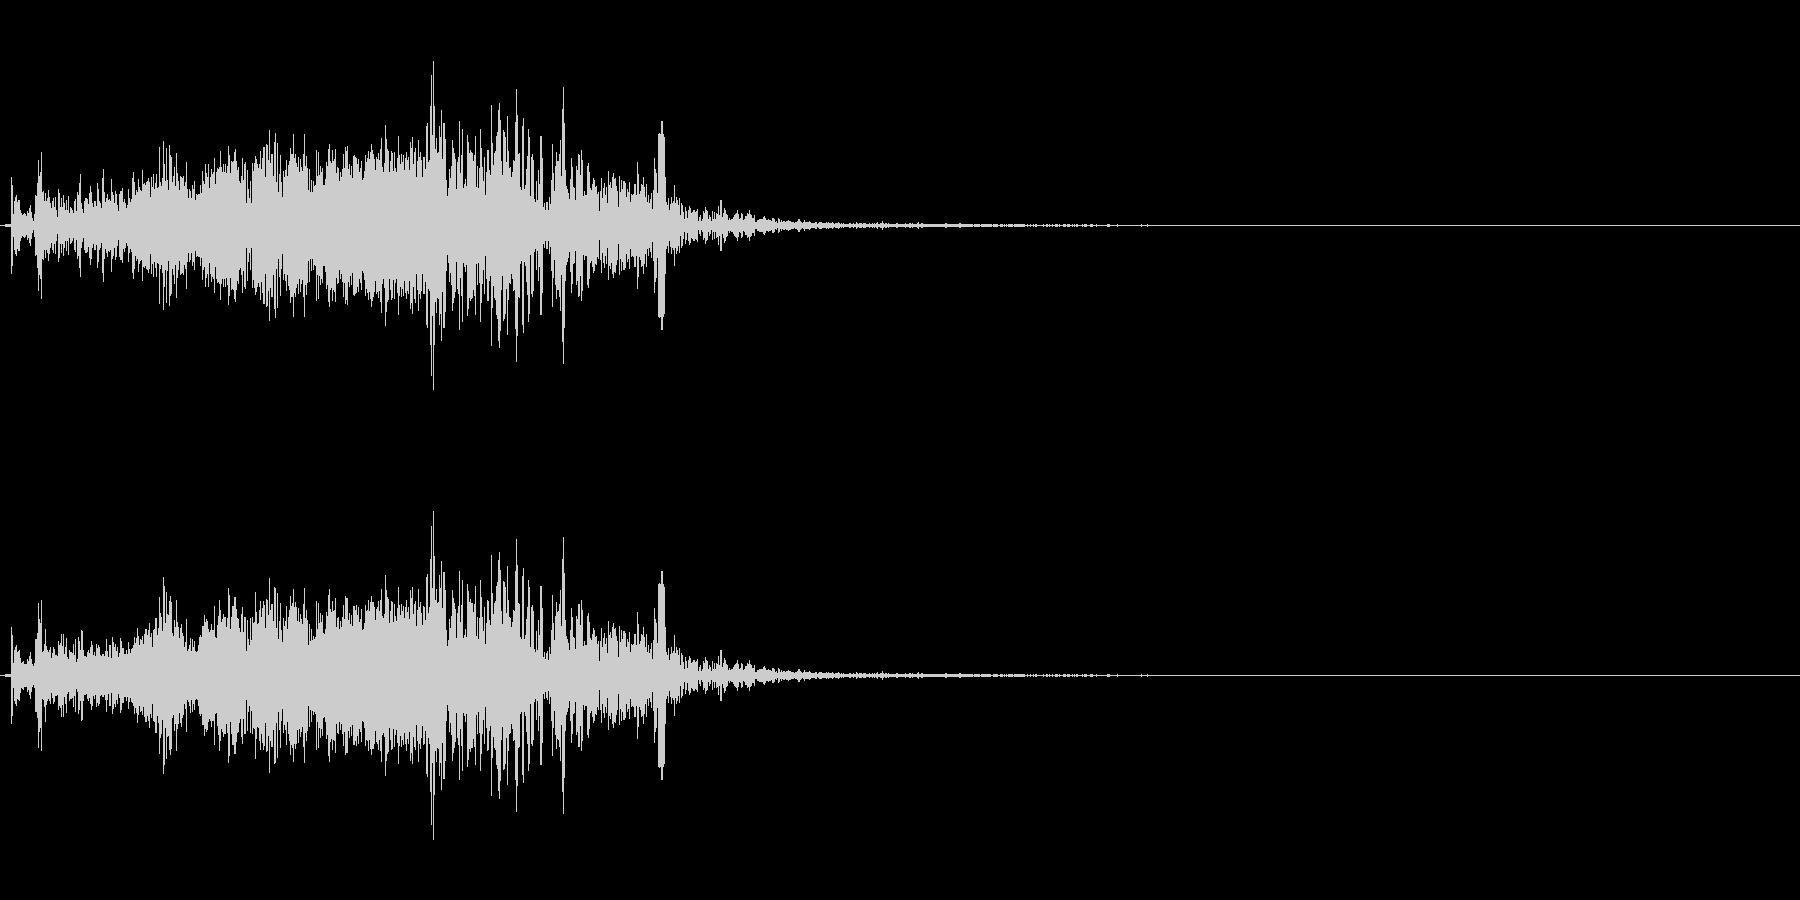 ズオーン!という大砲からのビーム発射音…の未再生の波形